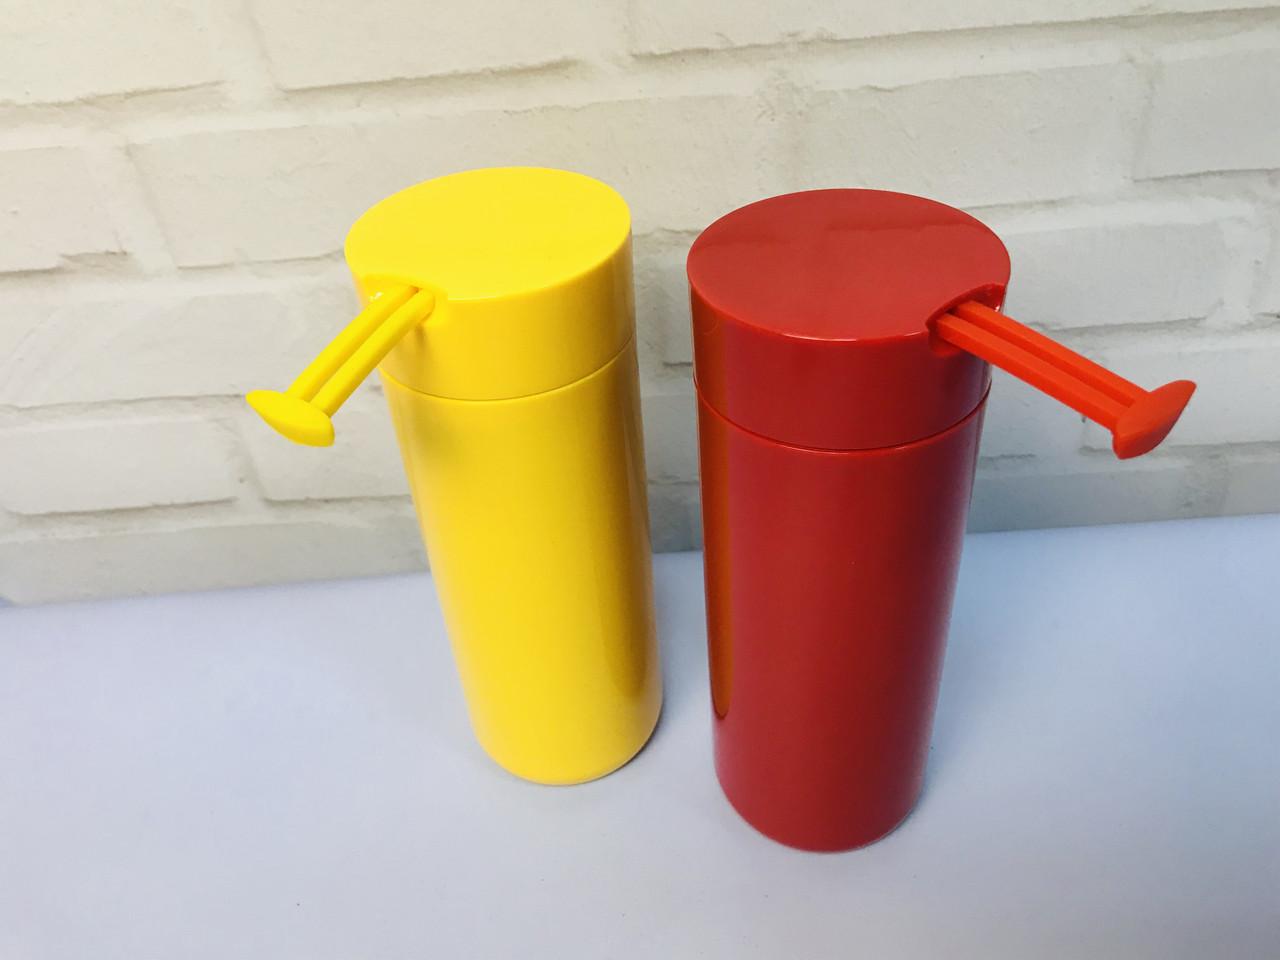 Компактный Антигравитационный Мини-термос 400 мл Never spill over. Лучшая Цена! - фото 2